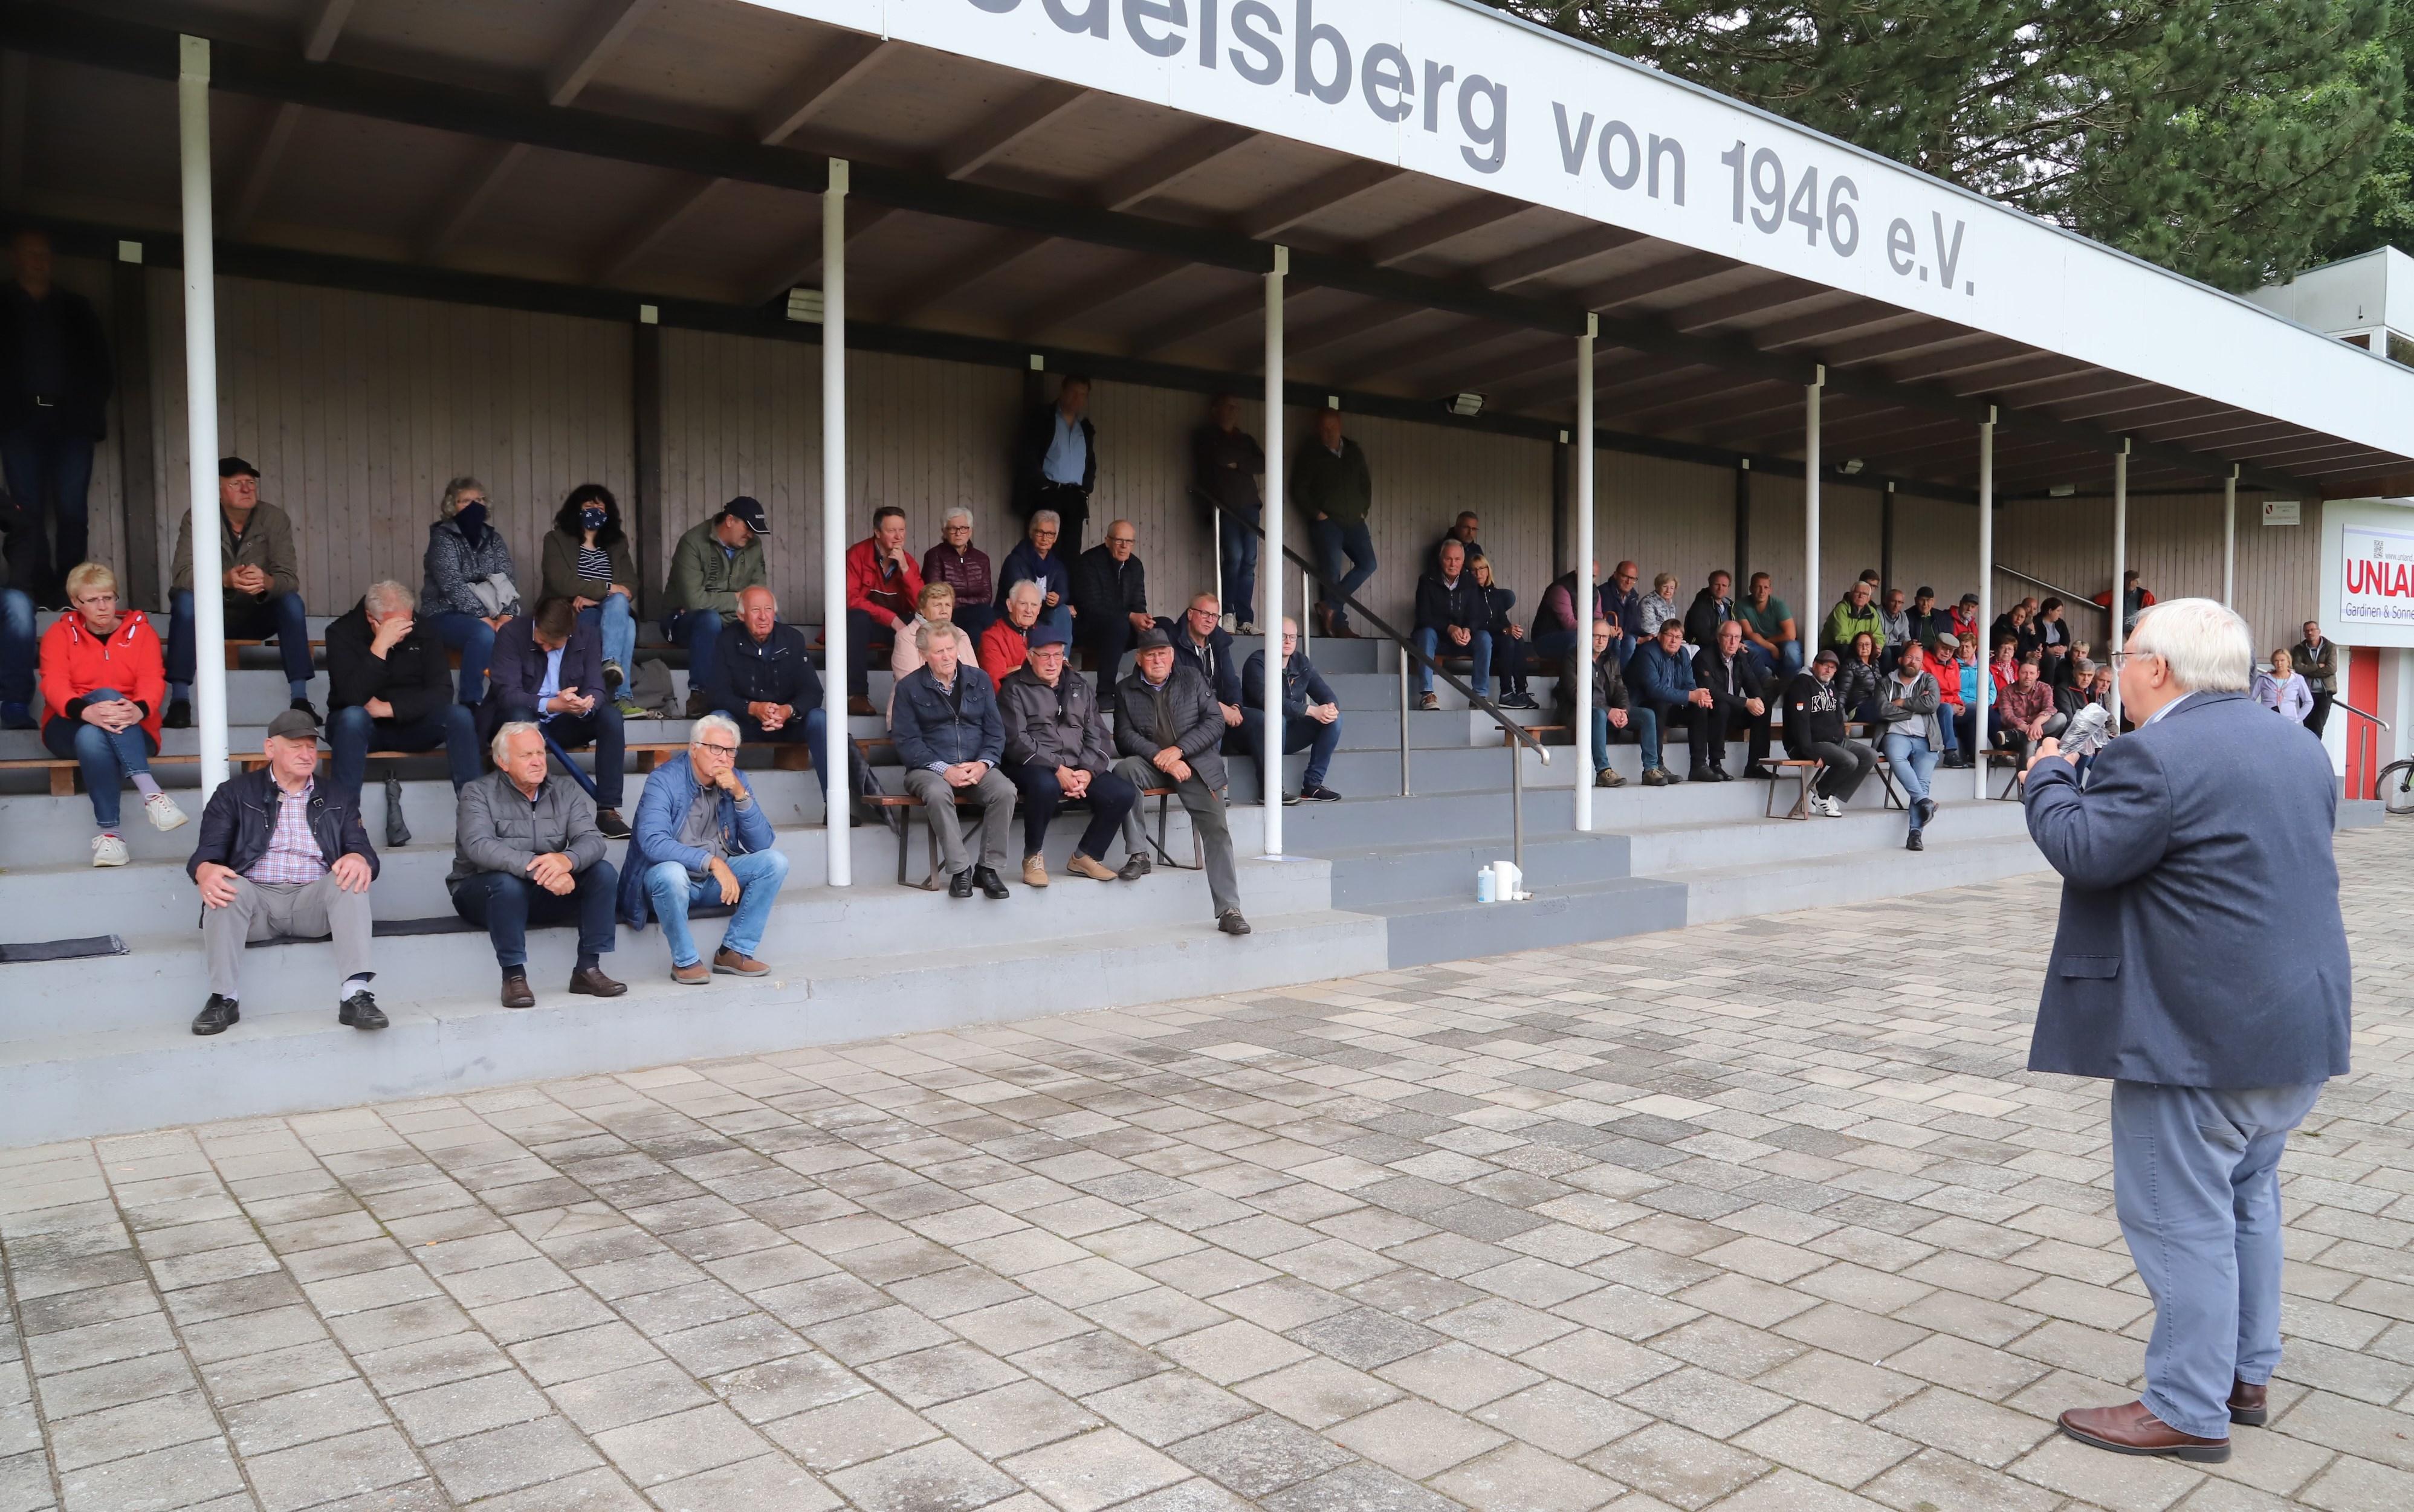 Erhitzte Gemüter: Auf der Tribüne des FC Sedelsberg entbrannten heftige Diskussionen. CDU-Ratsherr Bernd Benten (rechts) fand ebenfalls klare Worte.Foto: M. Passmann